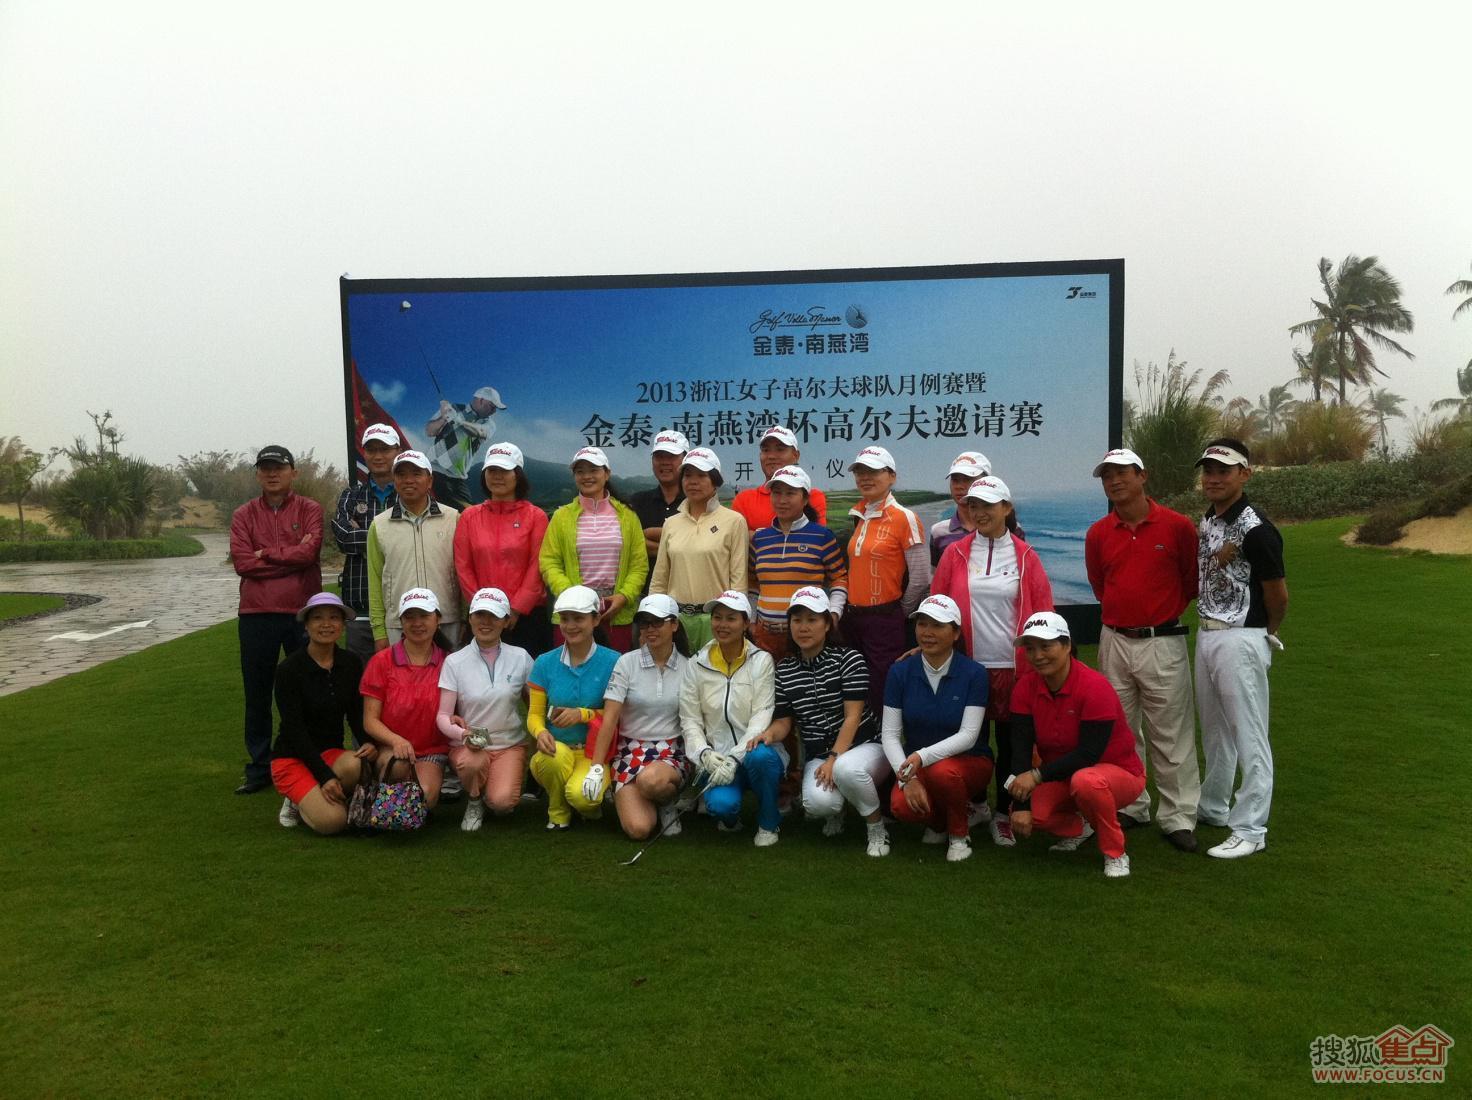 金泰南燕湾杯女子高尔夫球赛